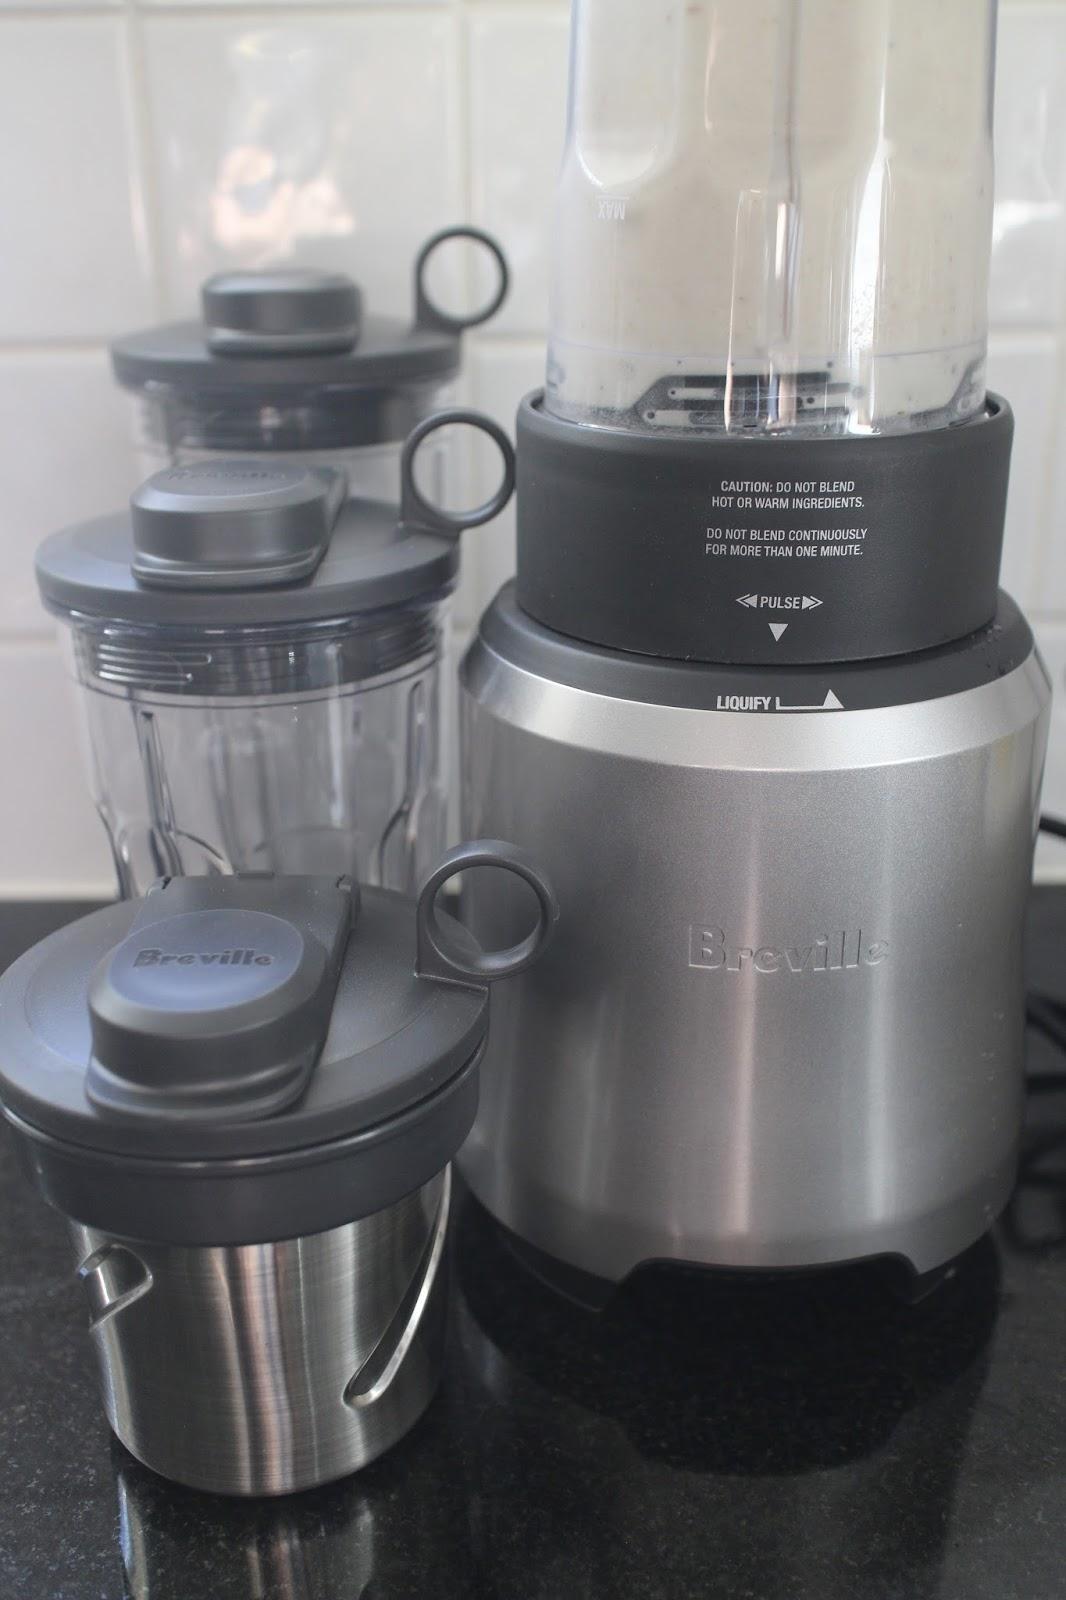 Breville Blender Food Processor